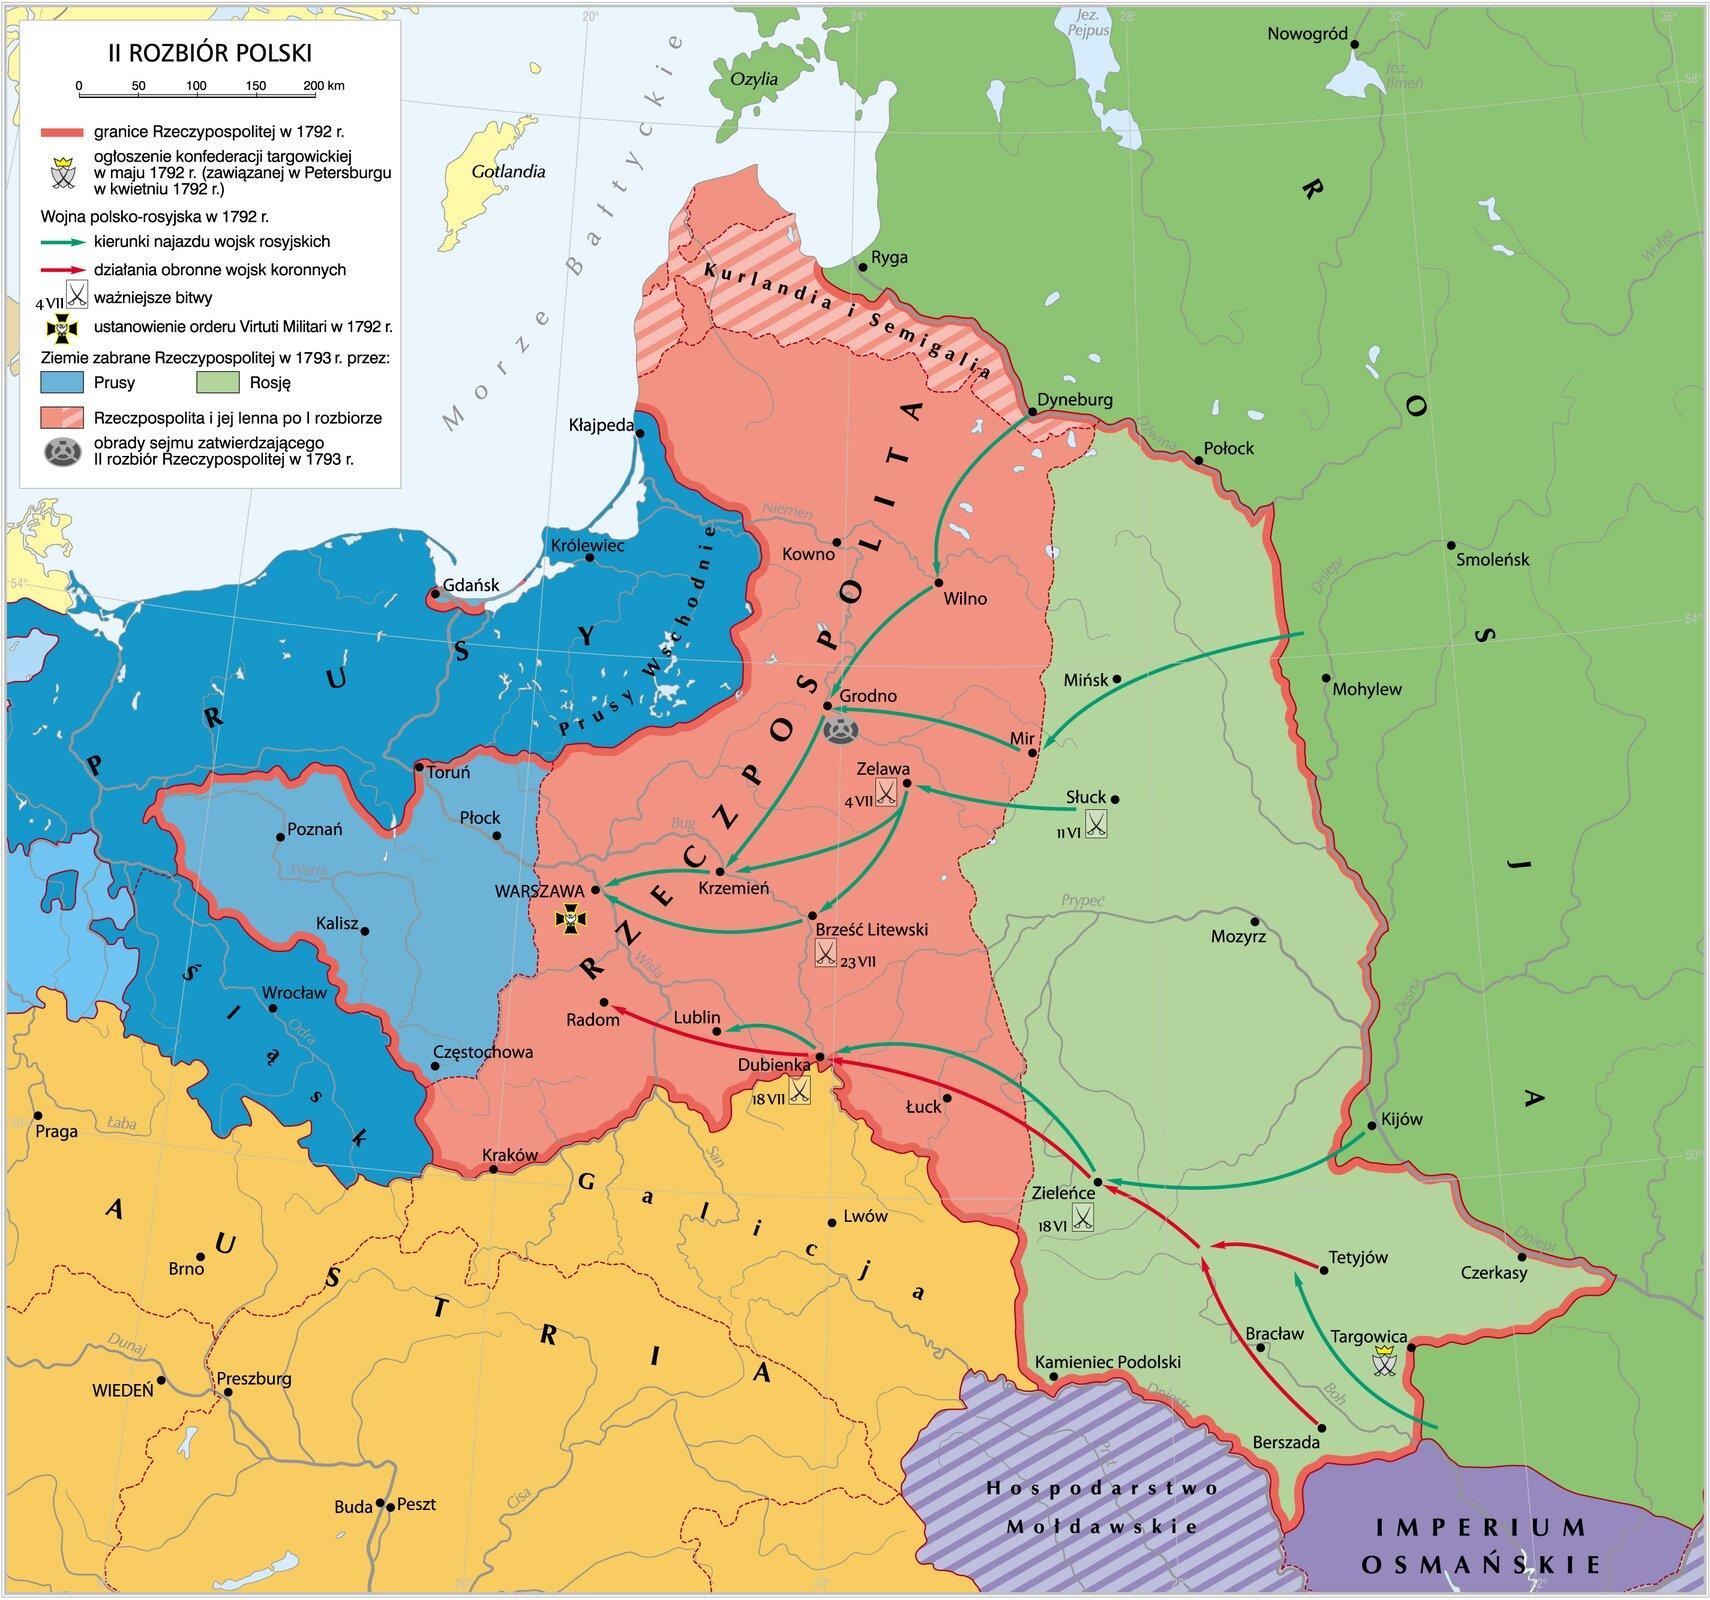 II rozbiór Polski II rozbiór Polski Źródło: Krystian Chariza izespół, licencja: CC BY 4.0.